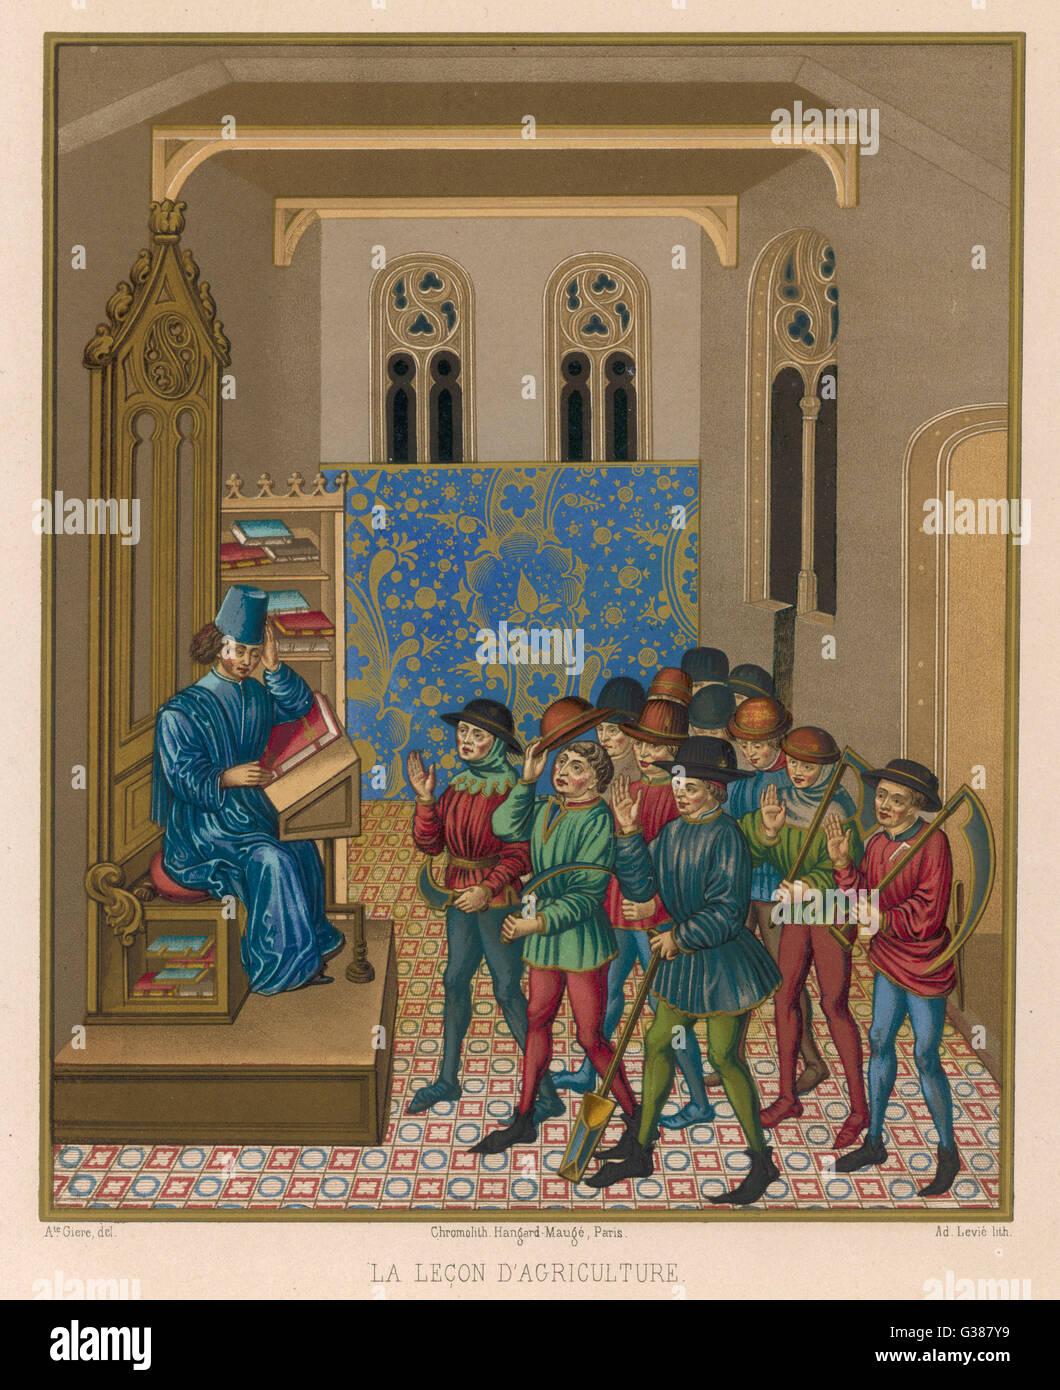 Un gruppo di braccianti agricoli ricevono istruzione in metodi agricoli data: XV secolo Immagini Stock